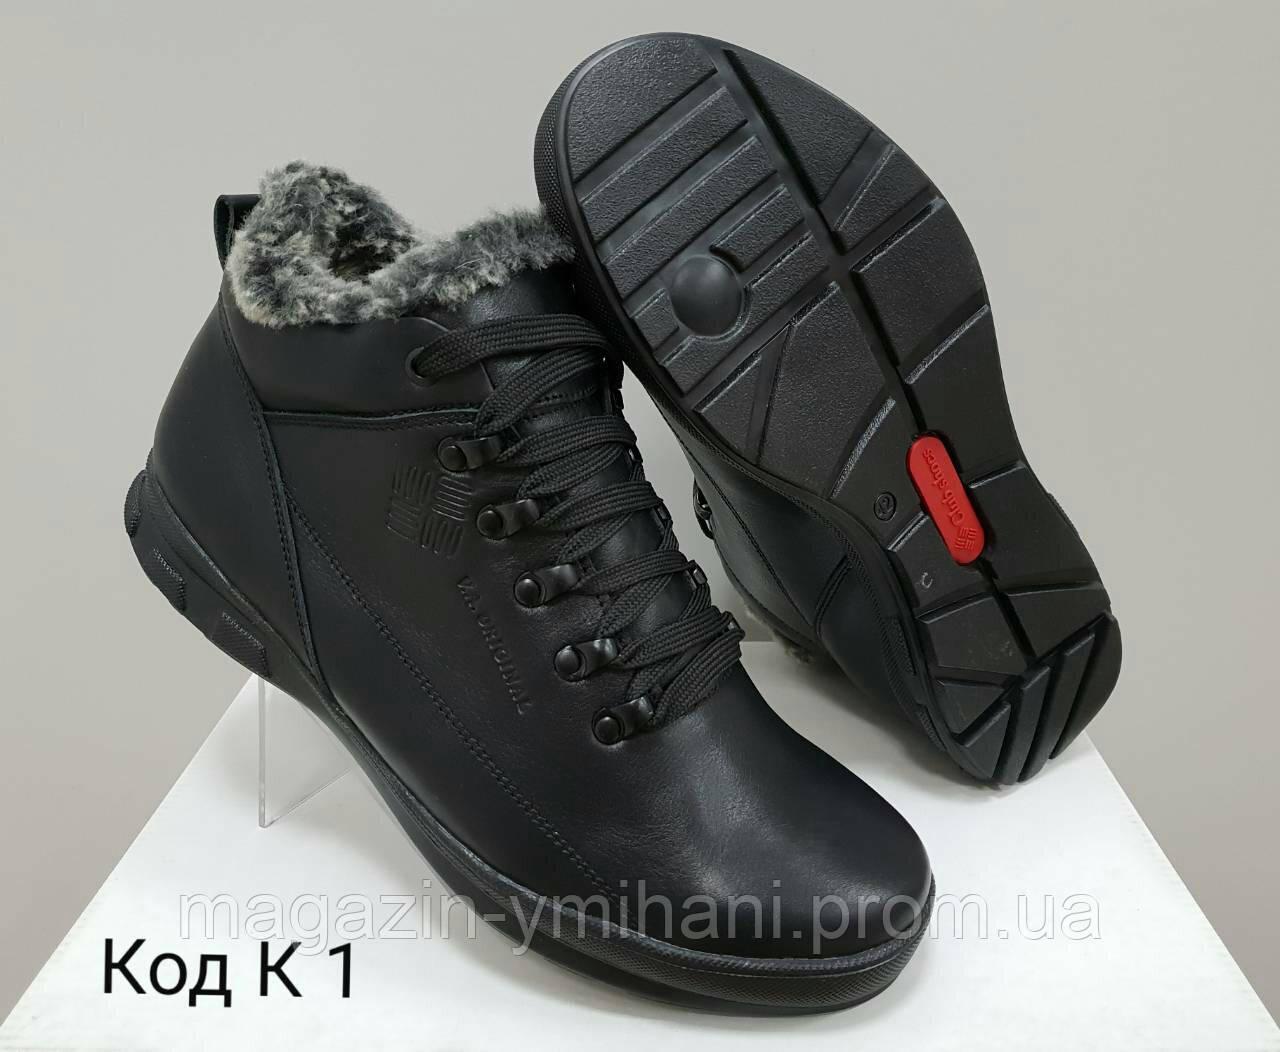 Зимние черные мужские ботинки Columbia. Харьков  продажа, цена в ... 0dfc87f4a6a